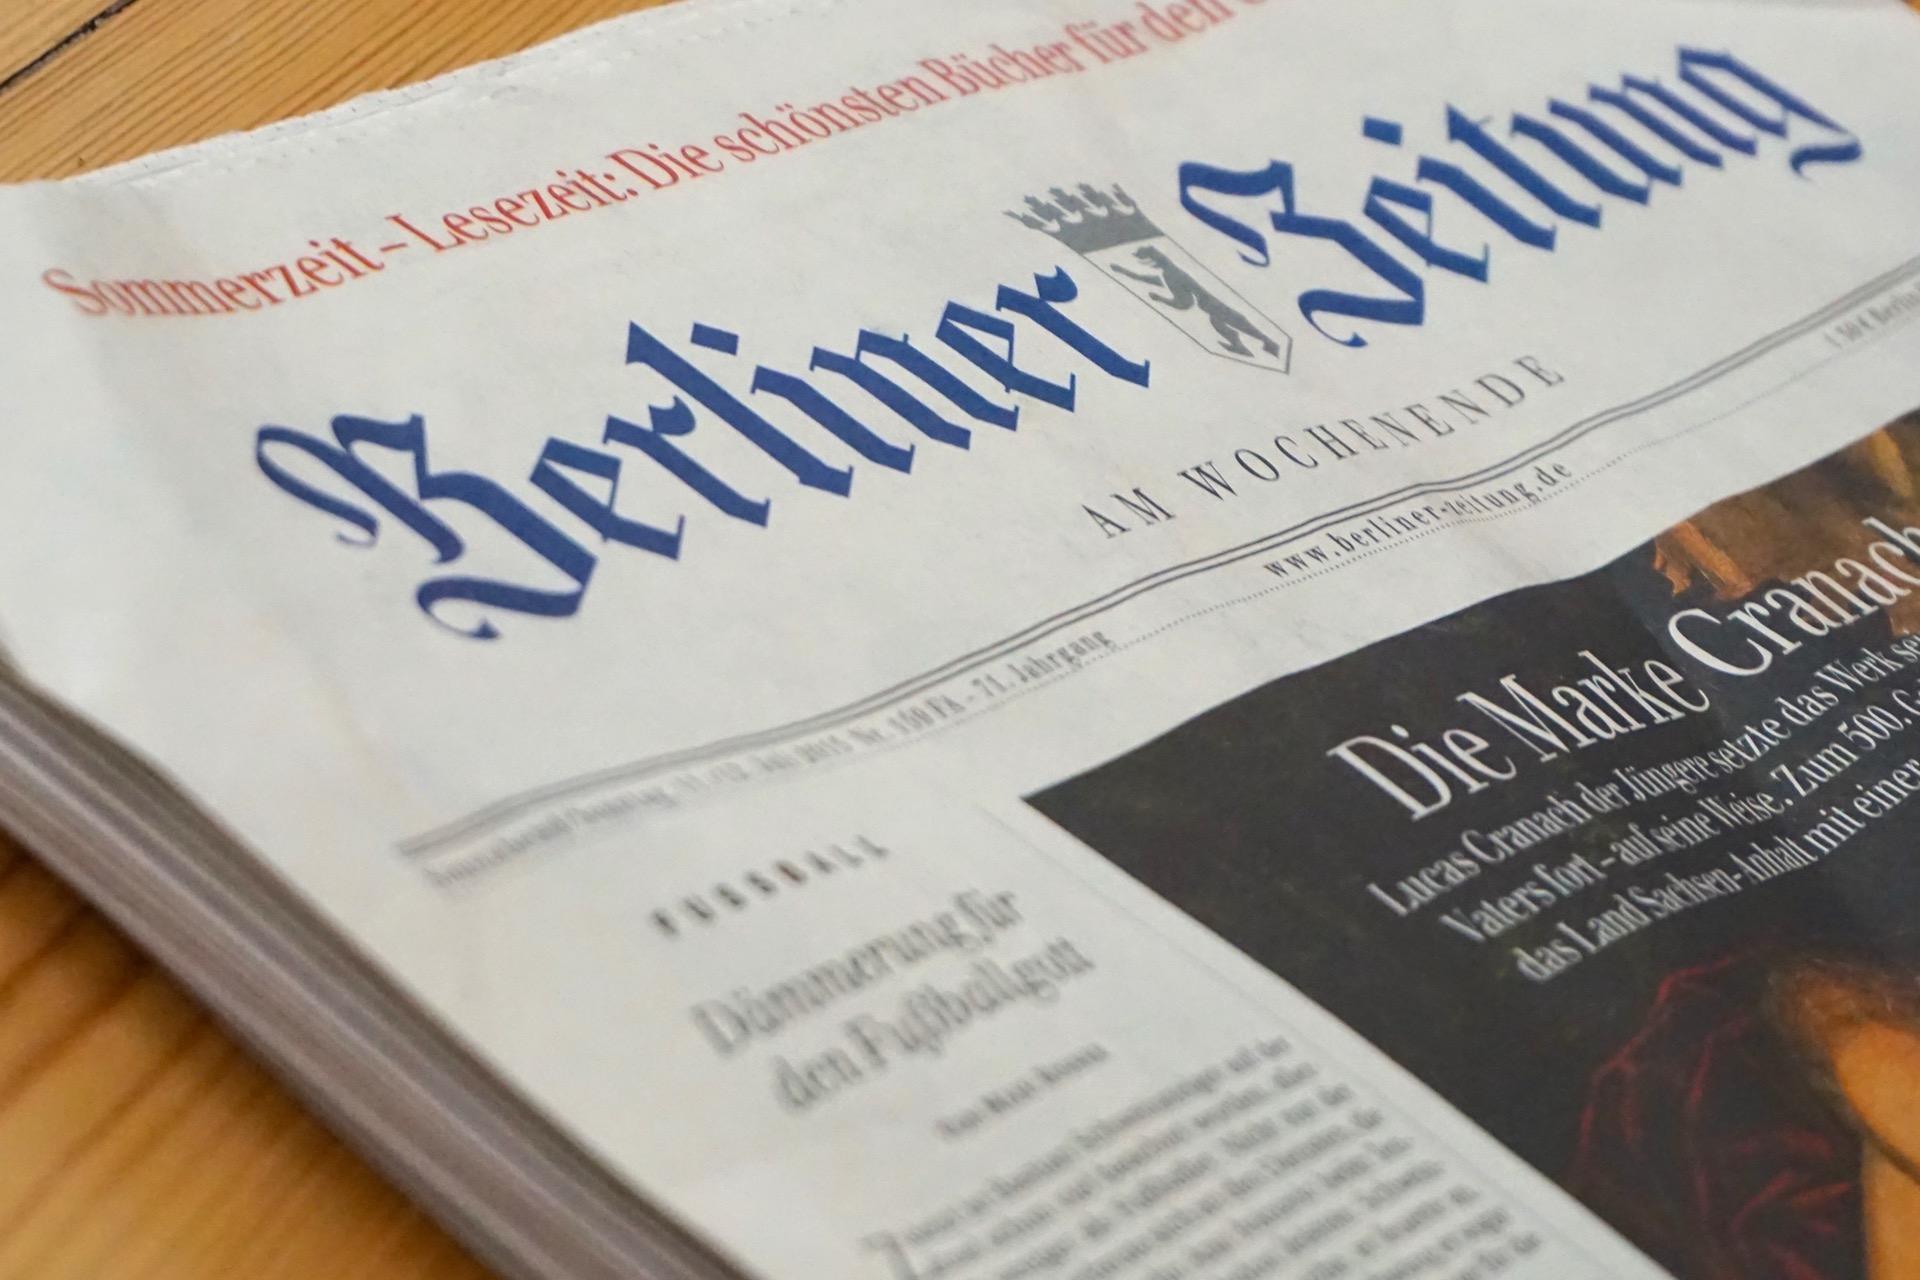 Come i giornalisti giustificano o condannano con un titolo